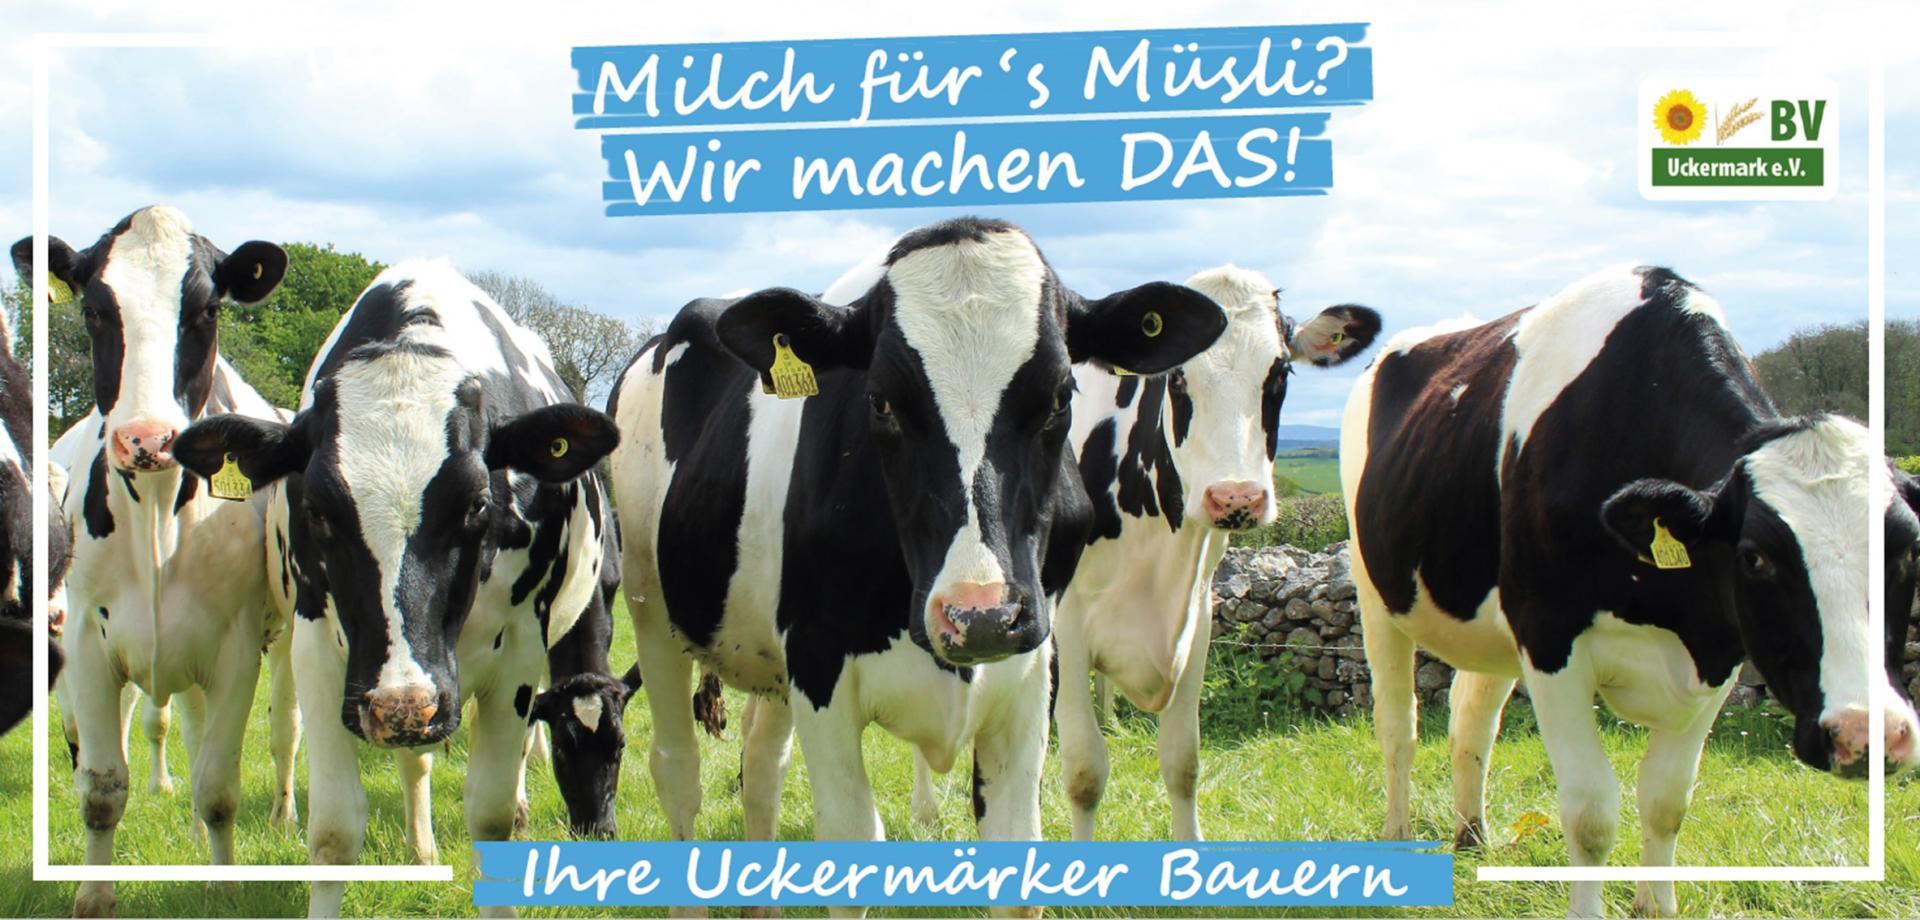 Milch fürs Müsli